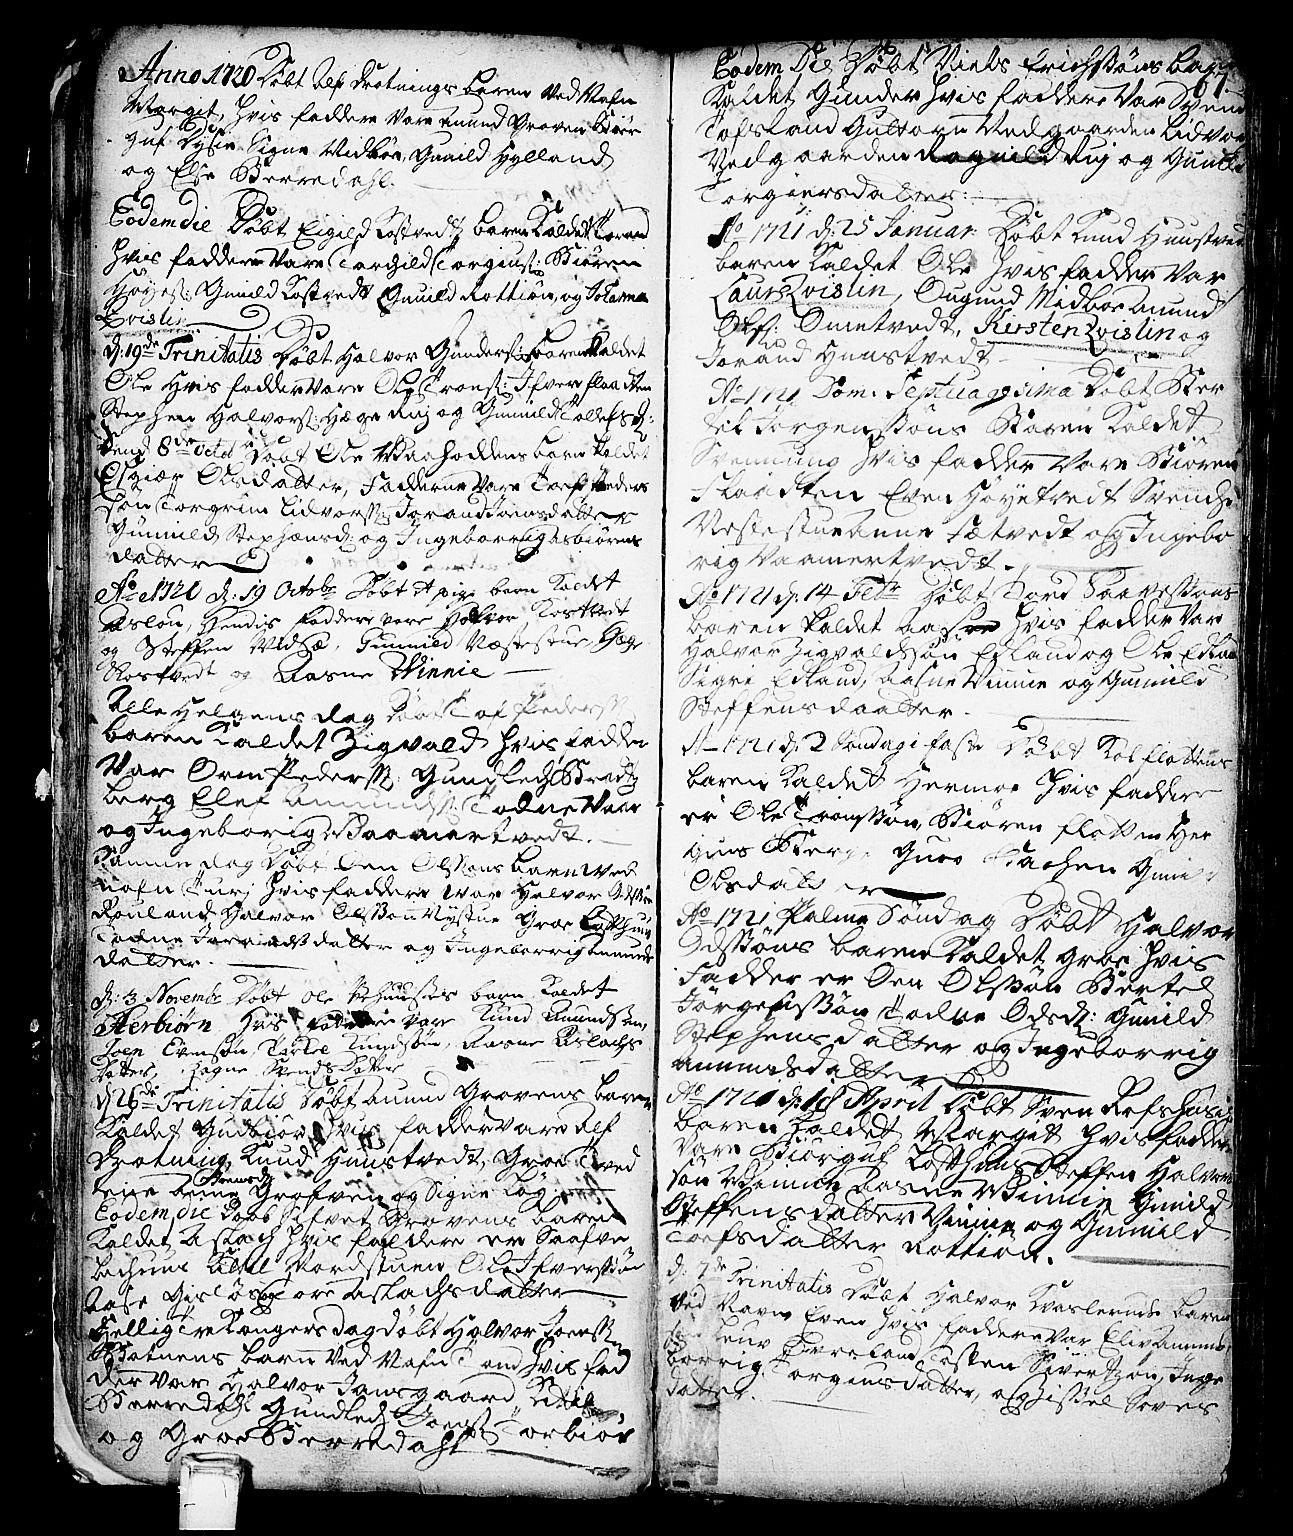 SAKO, Vinje kirkebøker, F/Fa/L0001: Ministerialbok nr. I 1, 1717-1766, s. 67